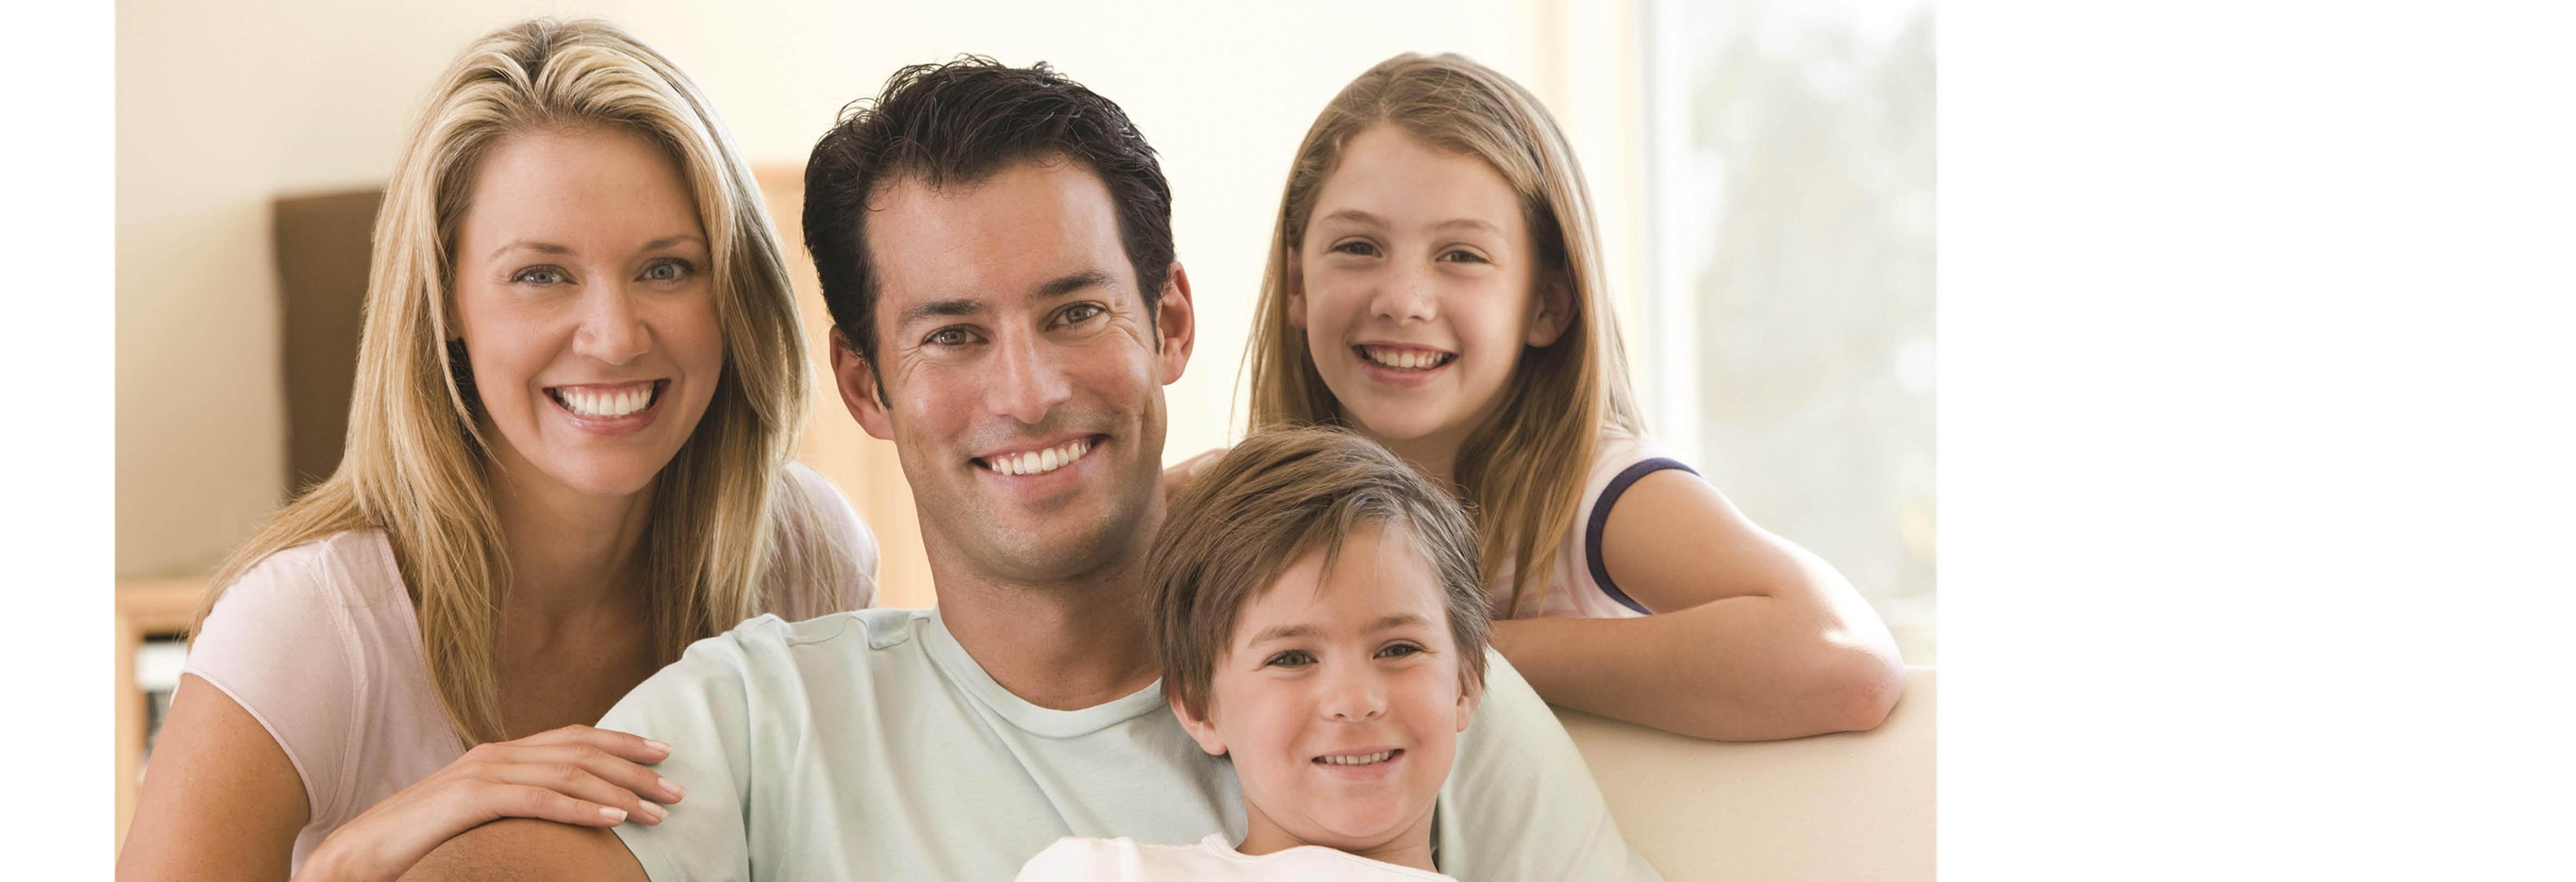 chrome-family.jpg